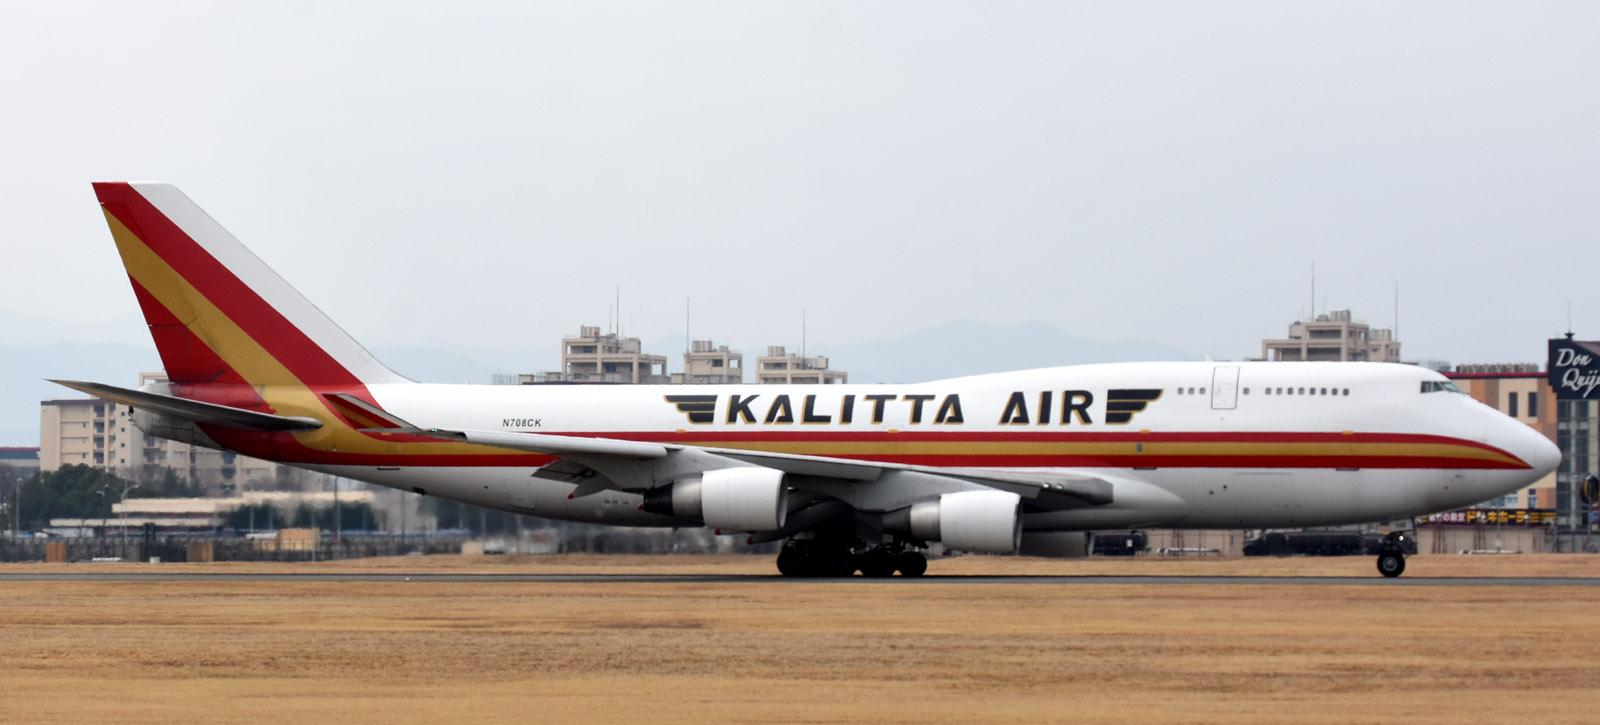 Kalitta190226g157